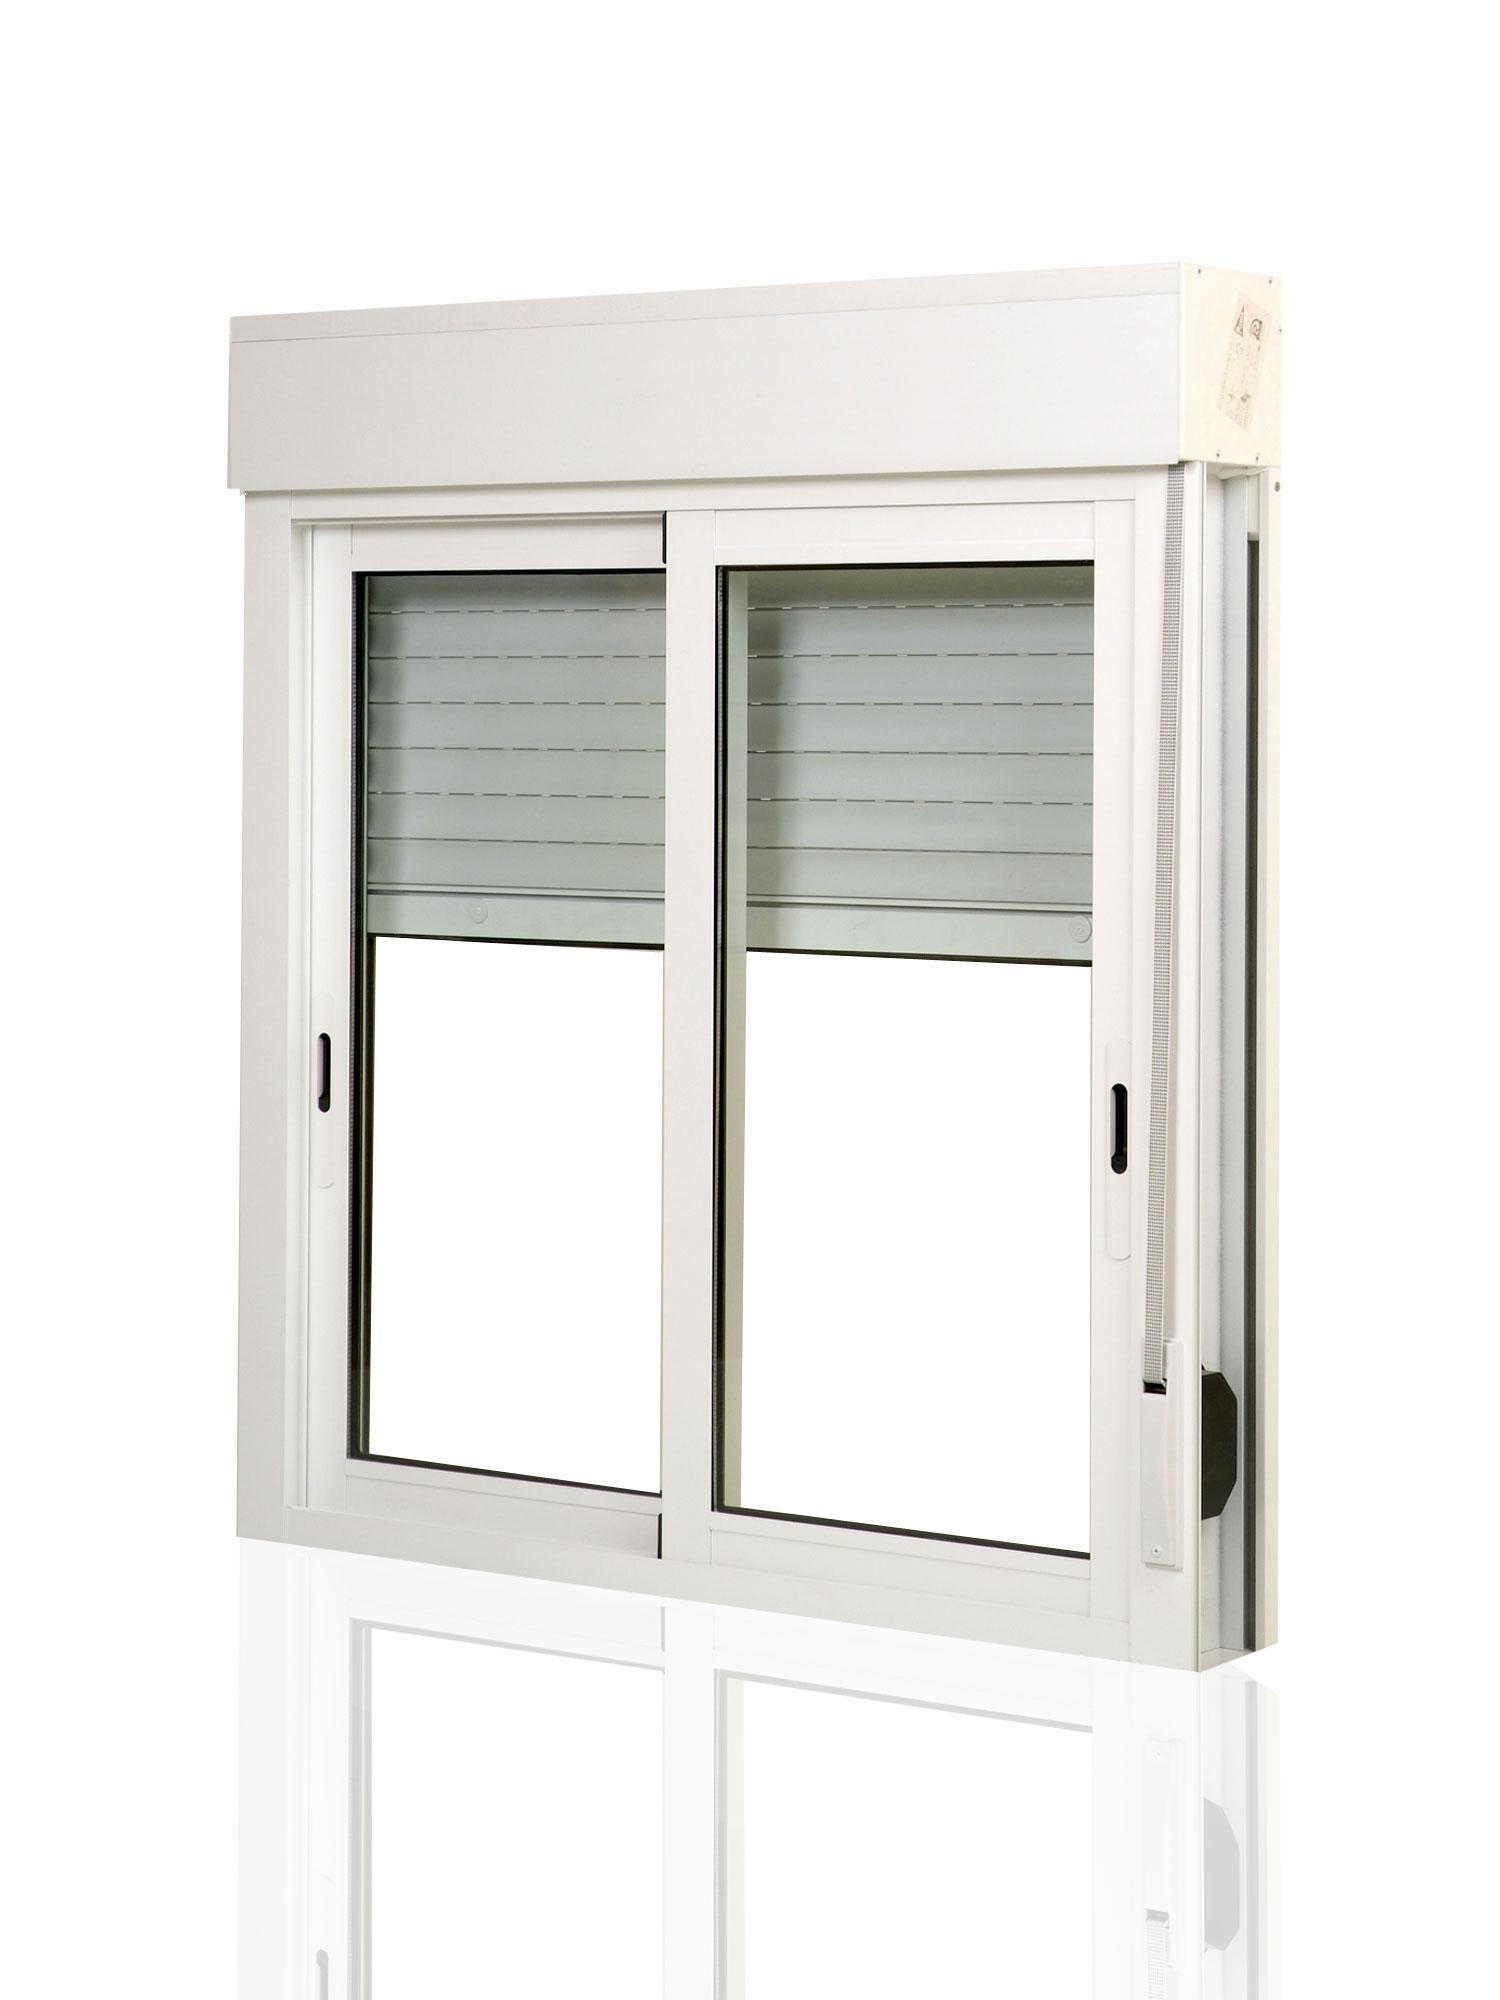 Dediser ventanas for Ventanas con persianas incorporadas